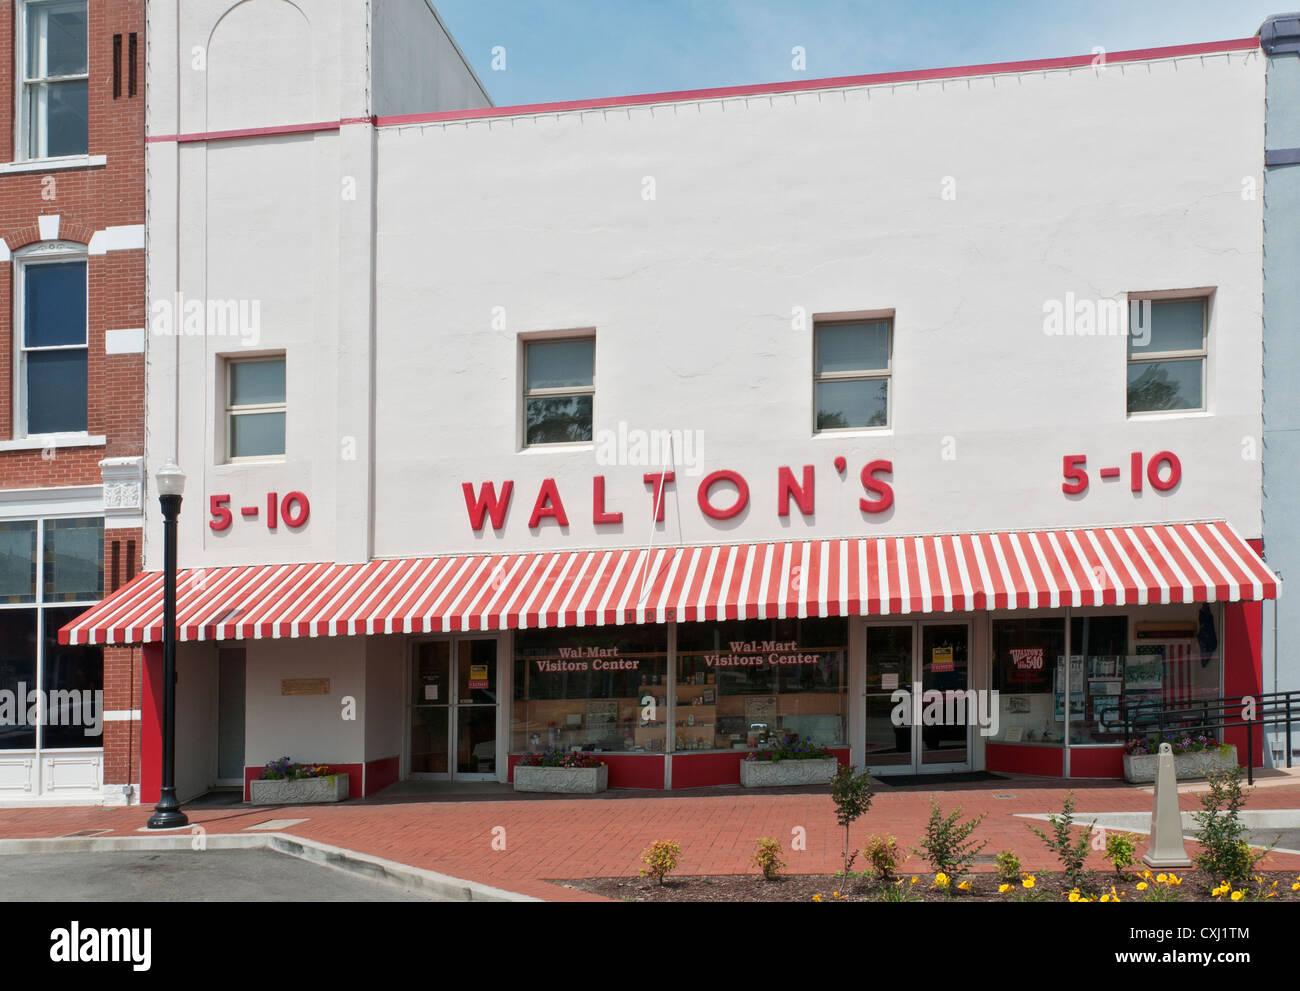 Arkansas Bentonville Wal Mart Visitor Center Located In Sam Waltons Original Varieity